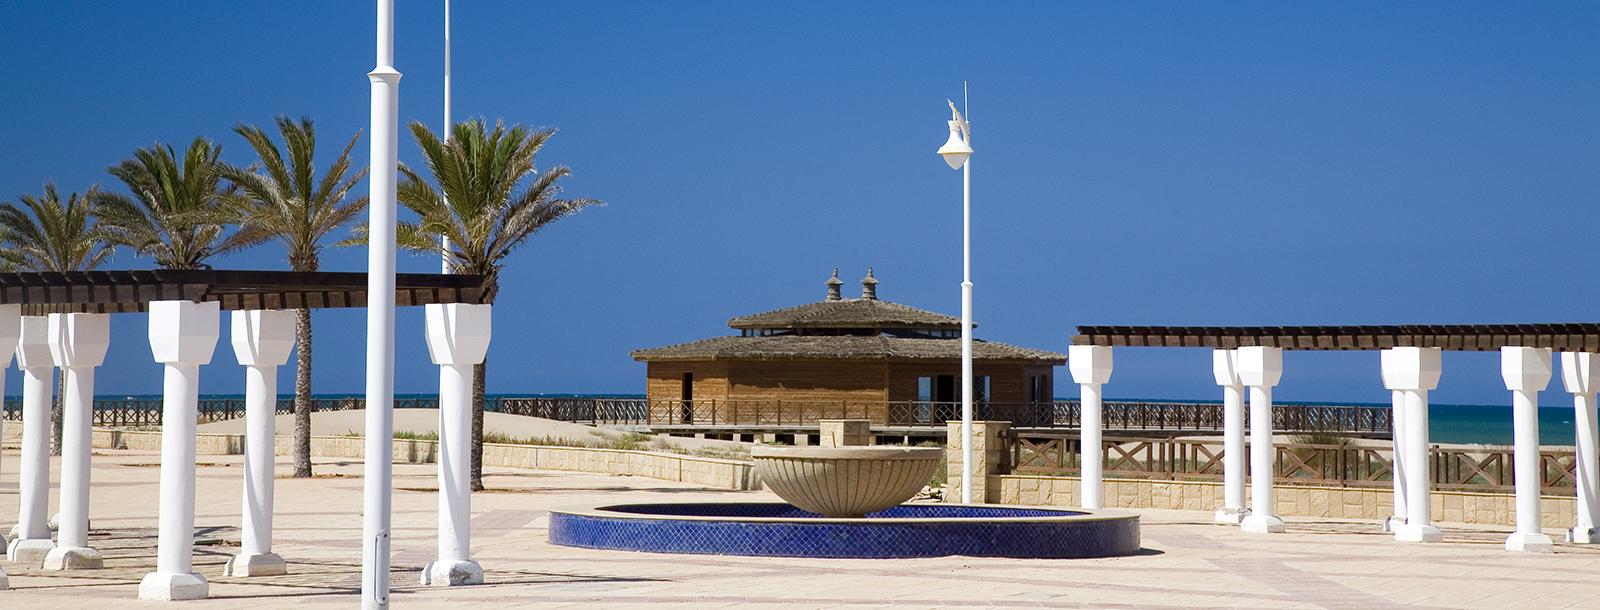 Проведите отпуск на берегу моря с друзьями или семьей